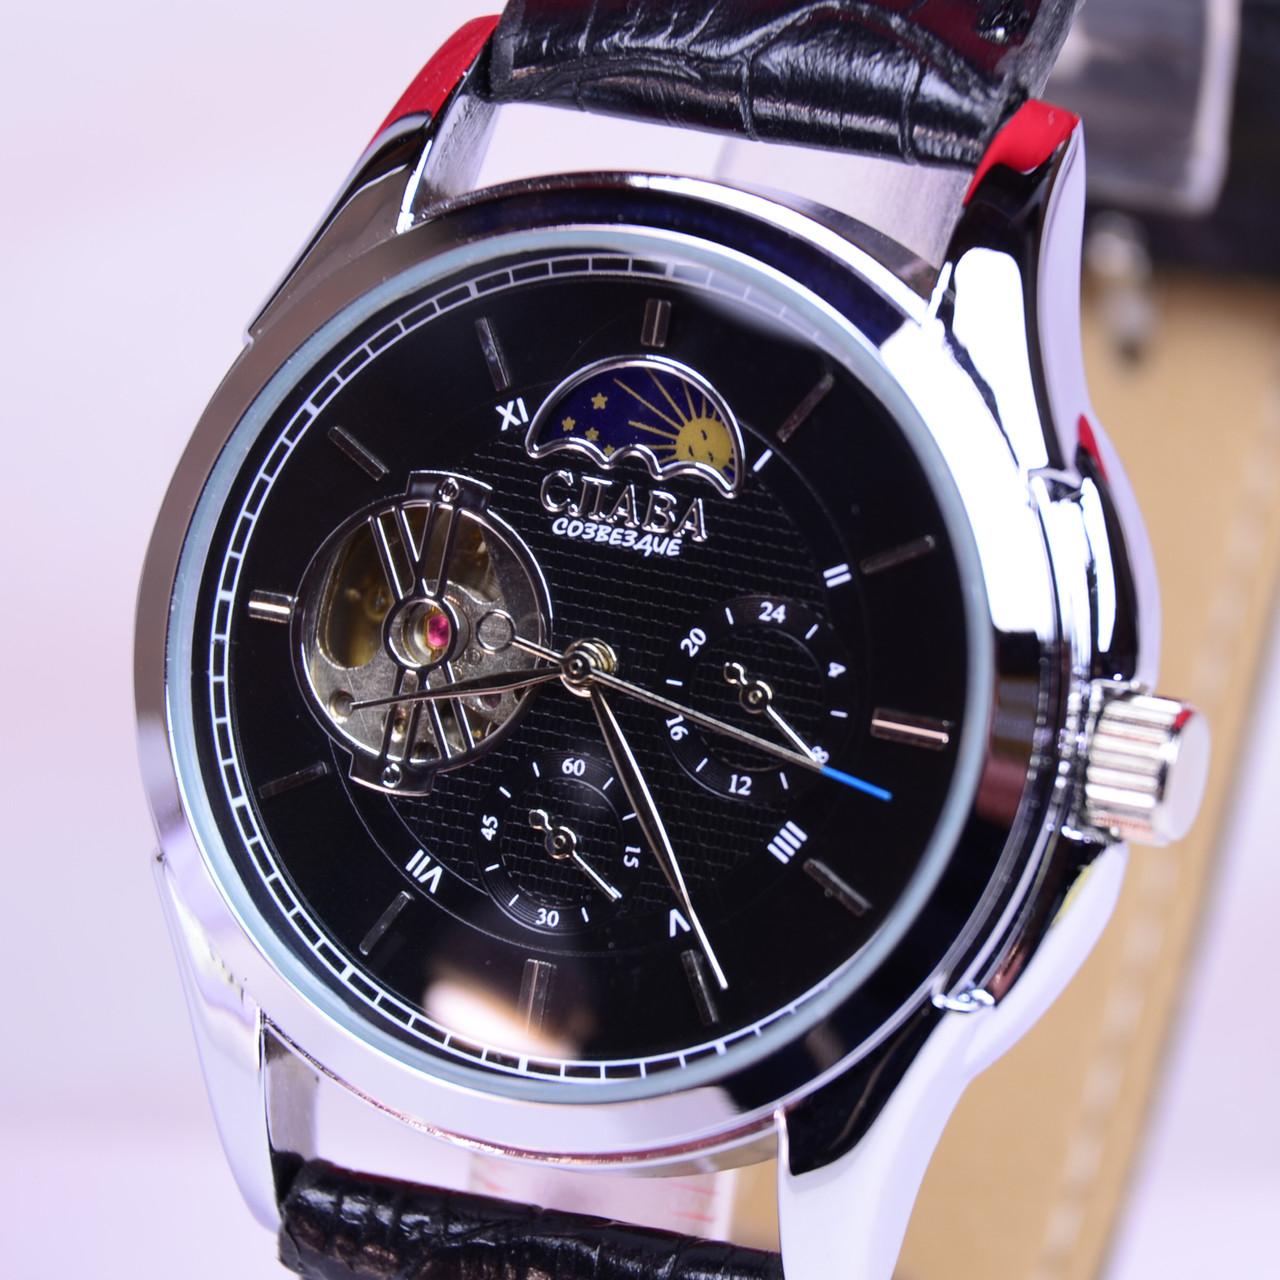 Мужские часы Слава GX503 механика с автоподзаводом